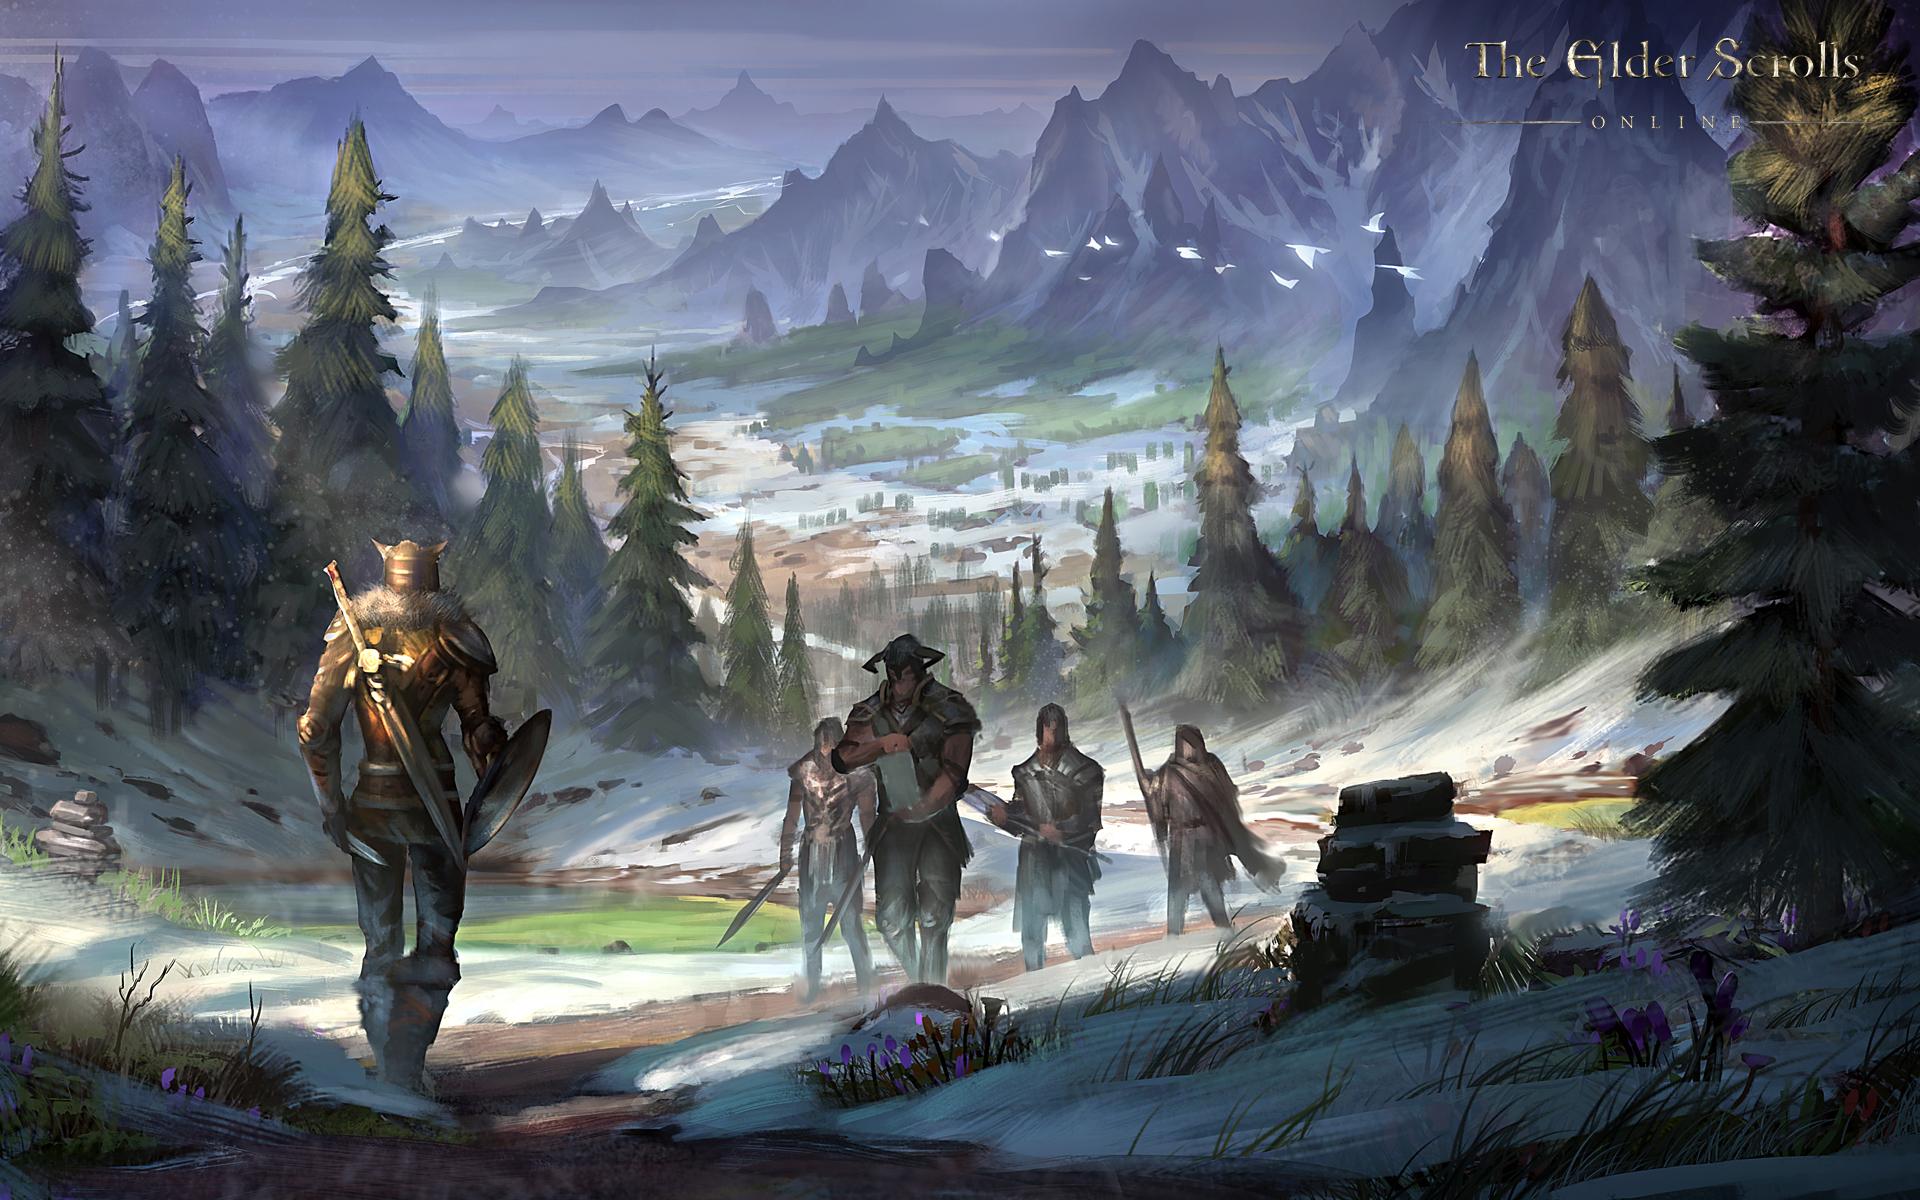 The Elder Scrolls Online HD Wallpaper